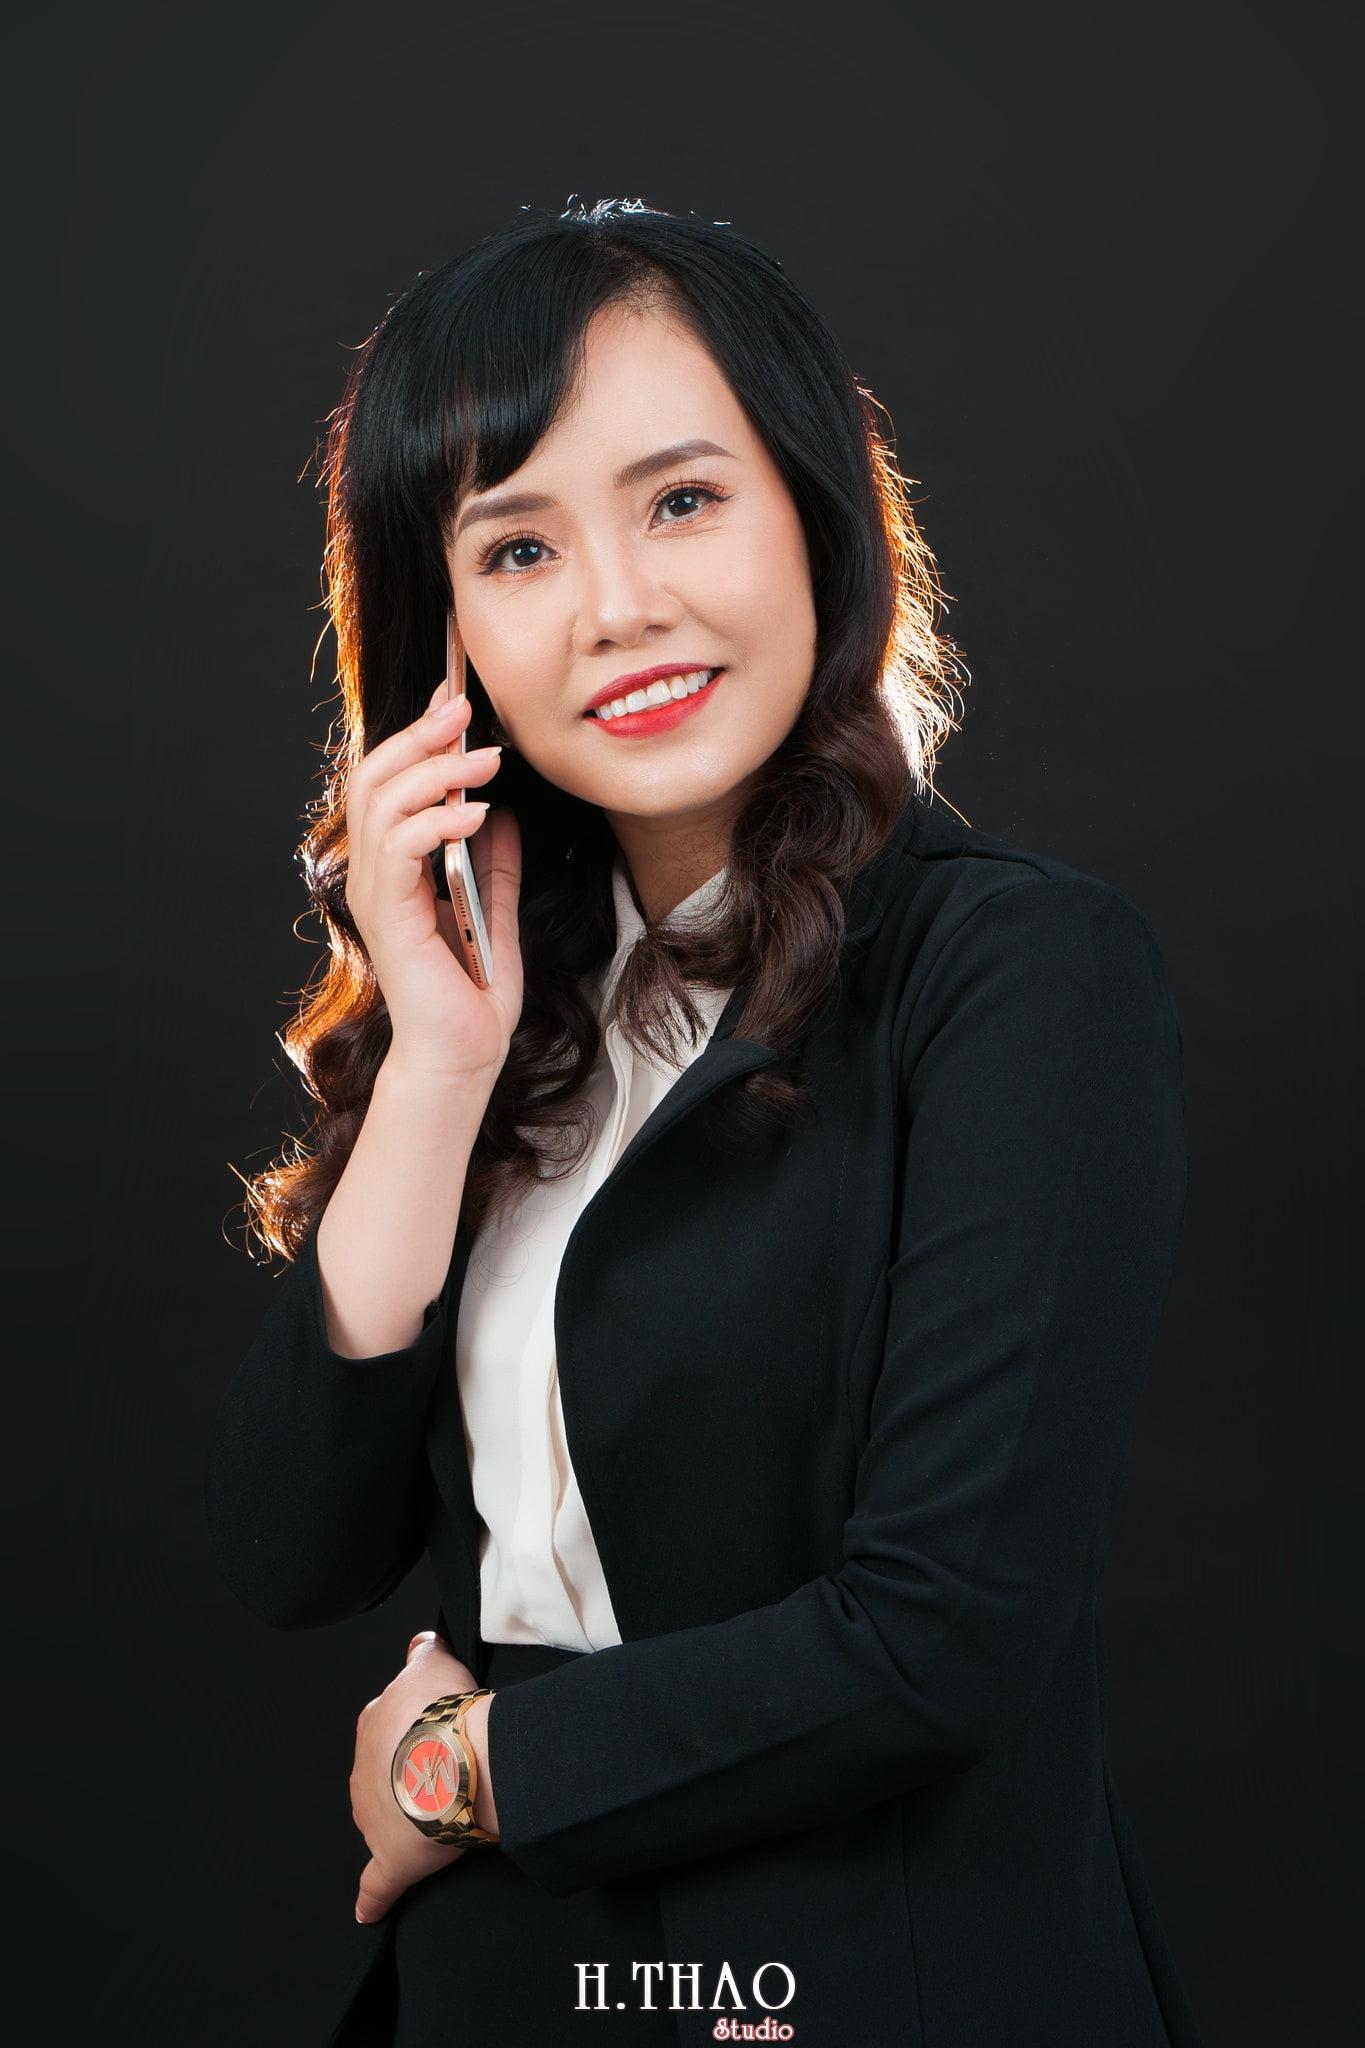 Thu Trang 3 - Chụp ảnh nữ doanh nhân Thu Trang tại HThao Studio – Tp.HCM